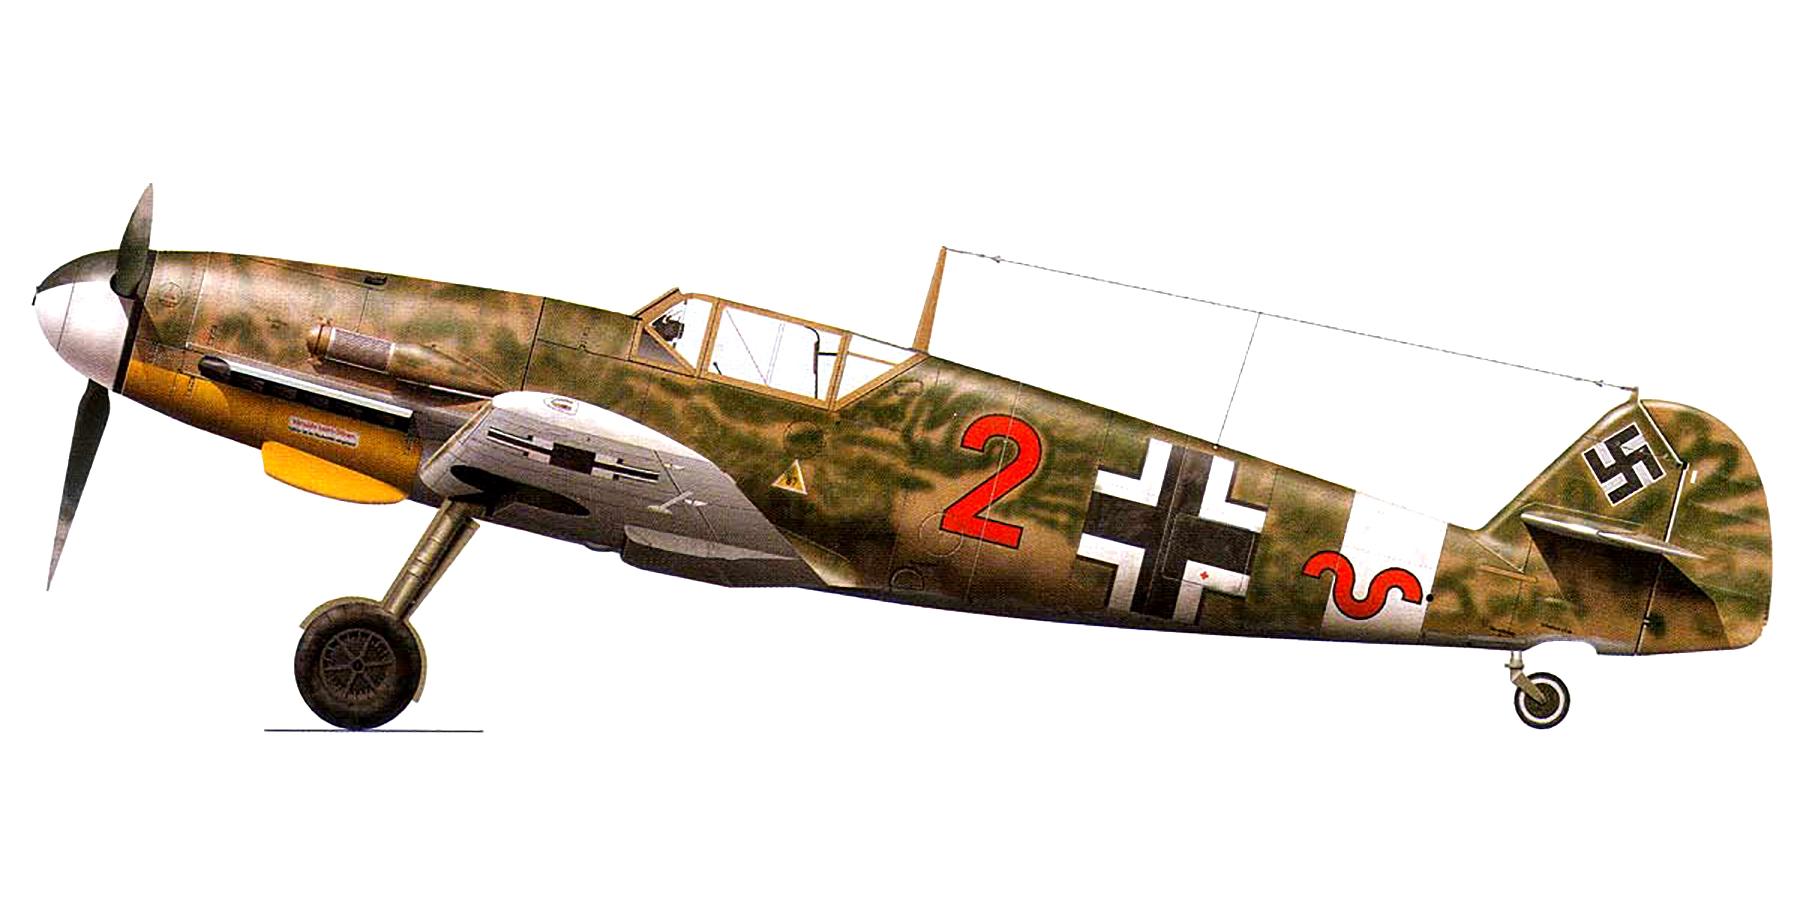 Messerschmitt Bf 109F4Trop 8.JG27 Red 2 Gadurra AF Rhodes Greece Feb 1943 0A